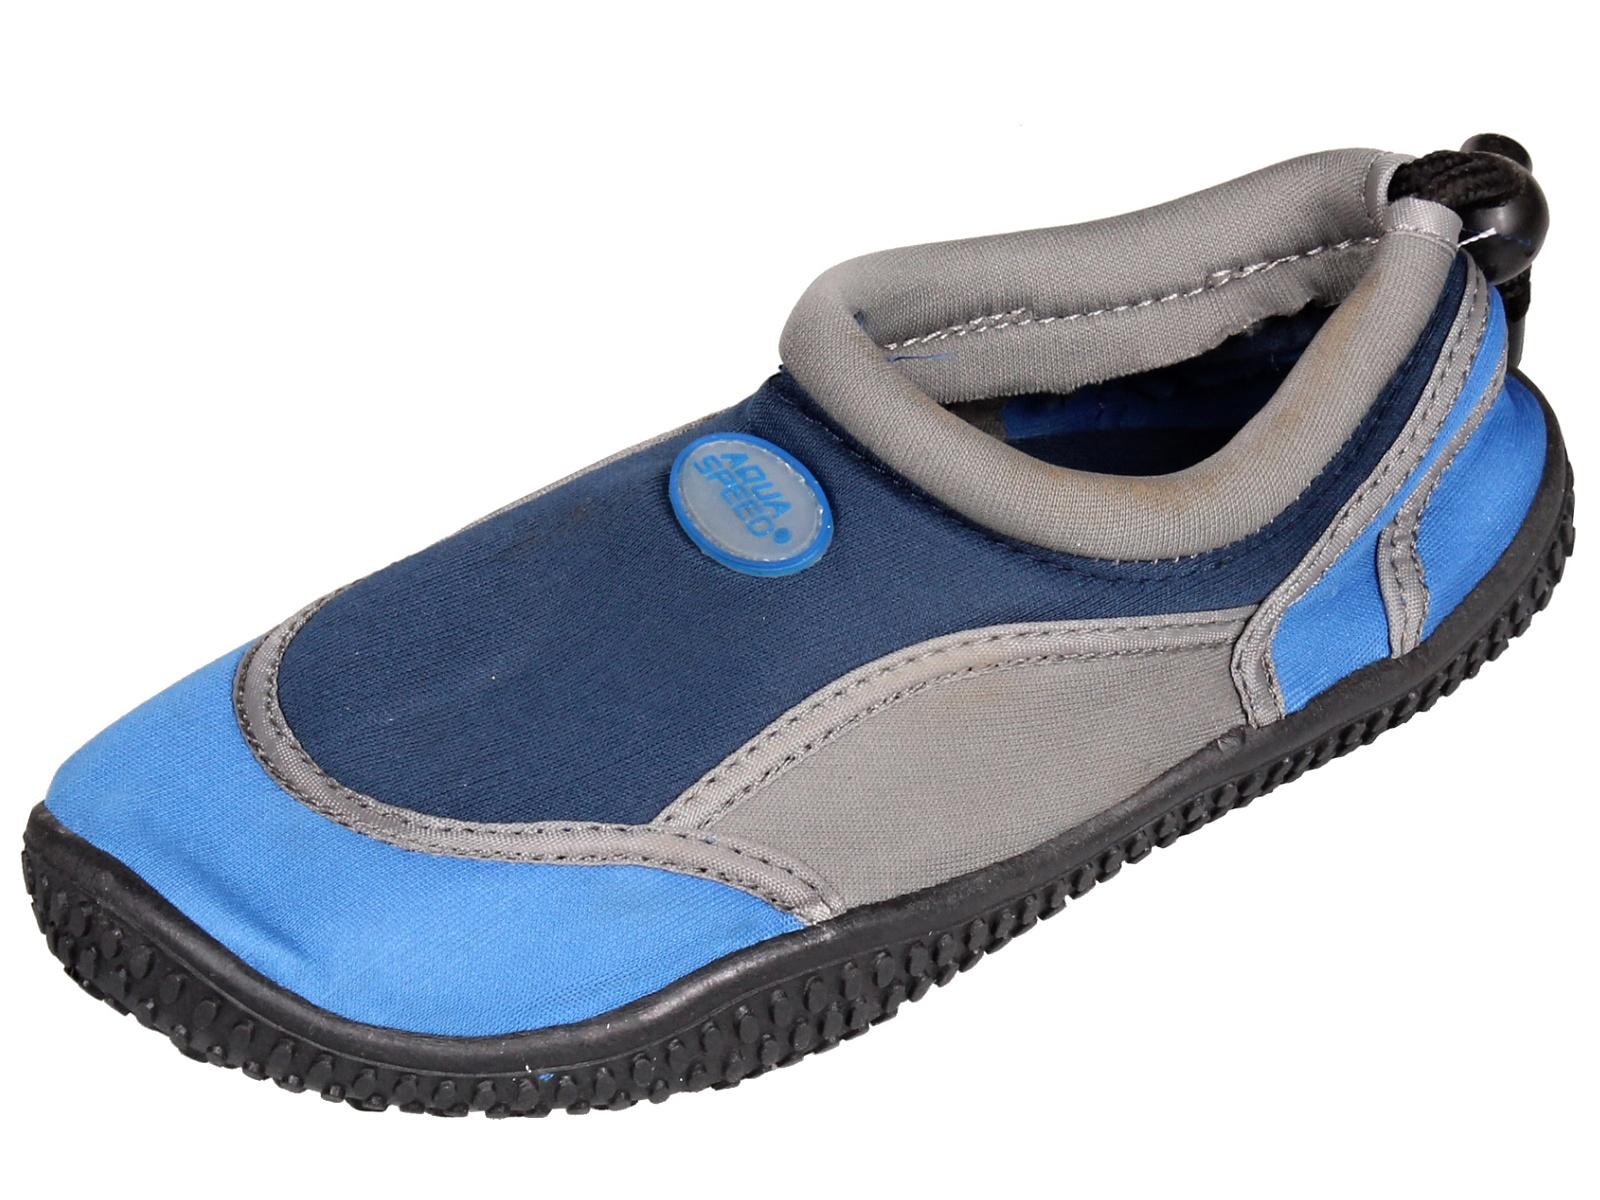 Boty do vody AQUA-SPEED 21A dětské modré - vel. 31